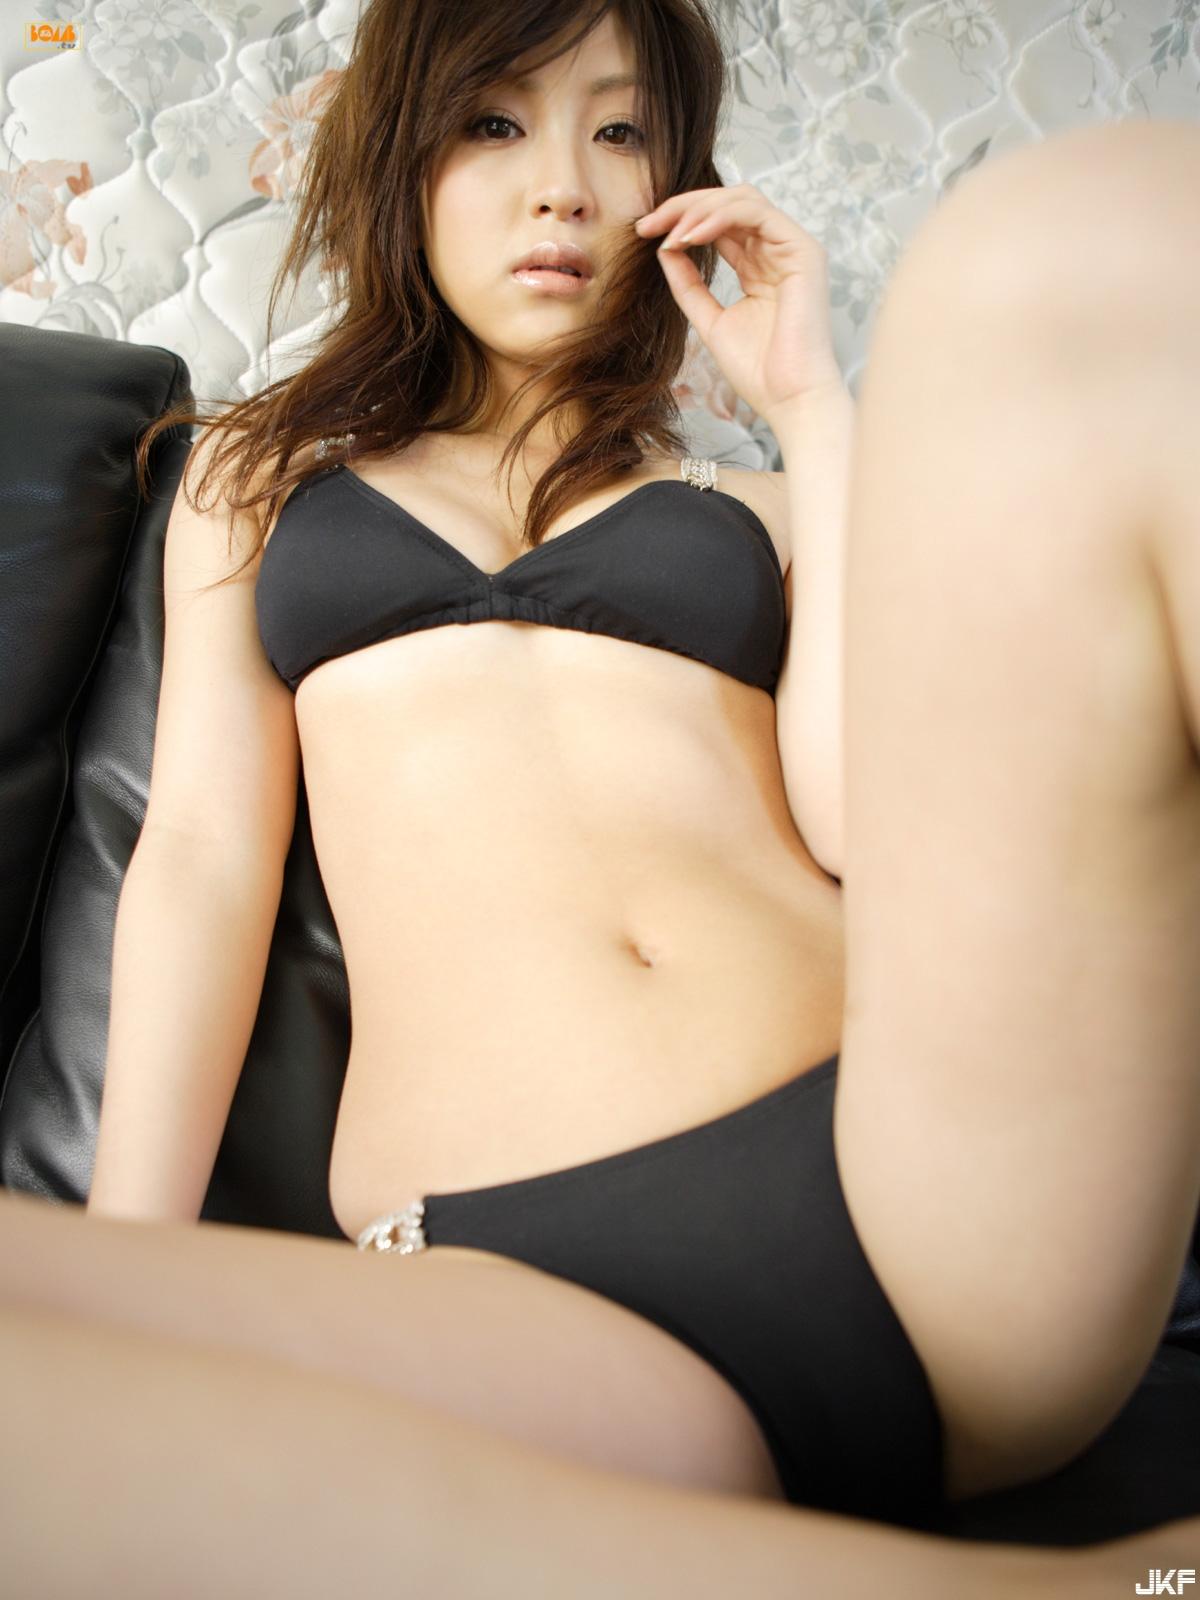 tatsumi-natsuko-589112.jpg